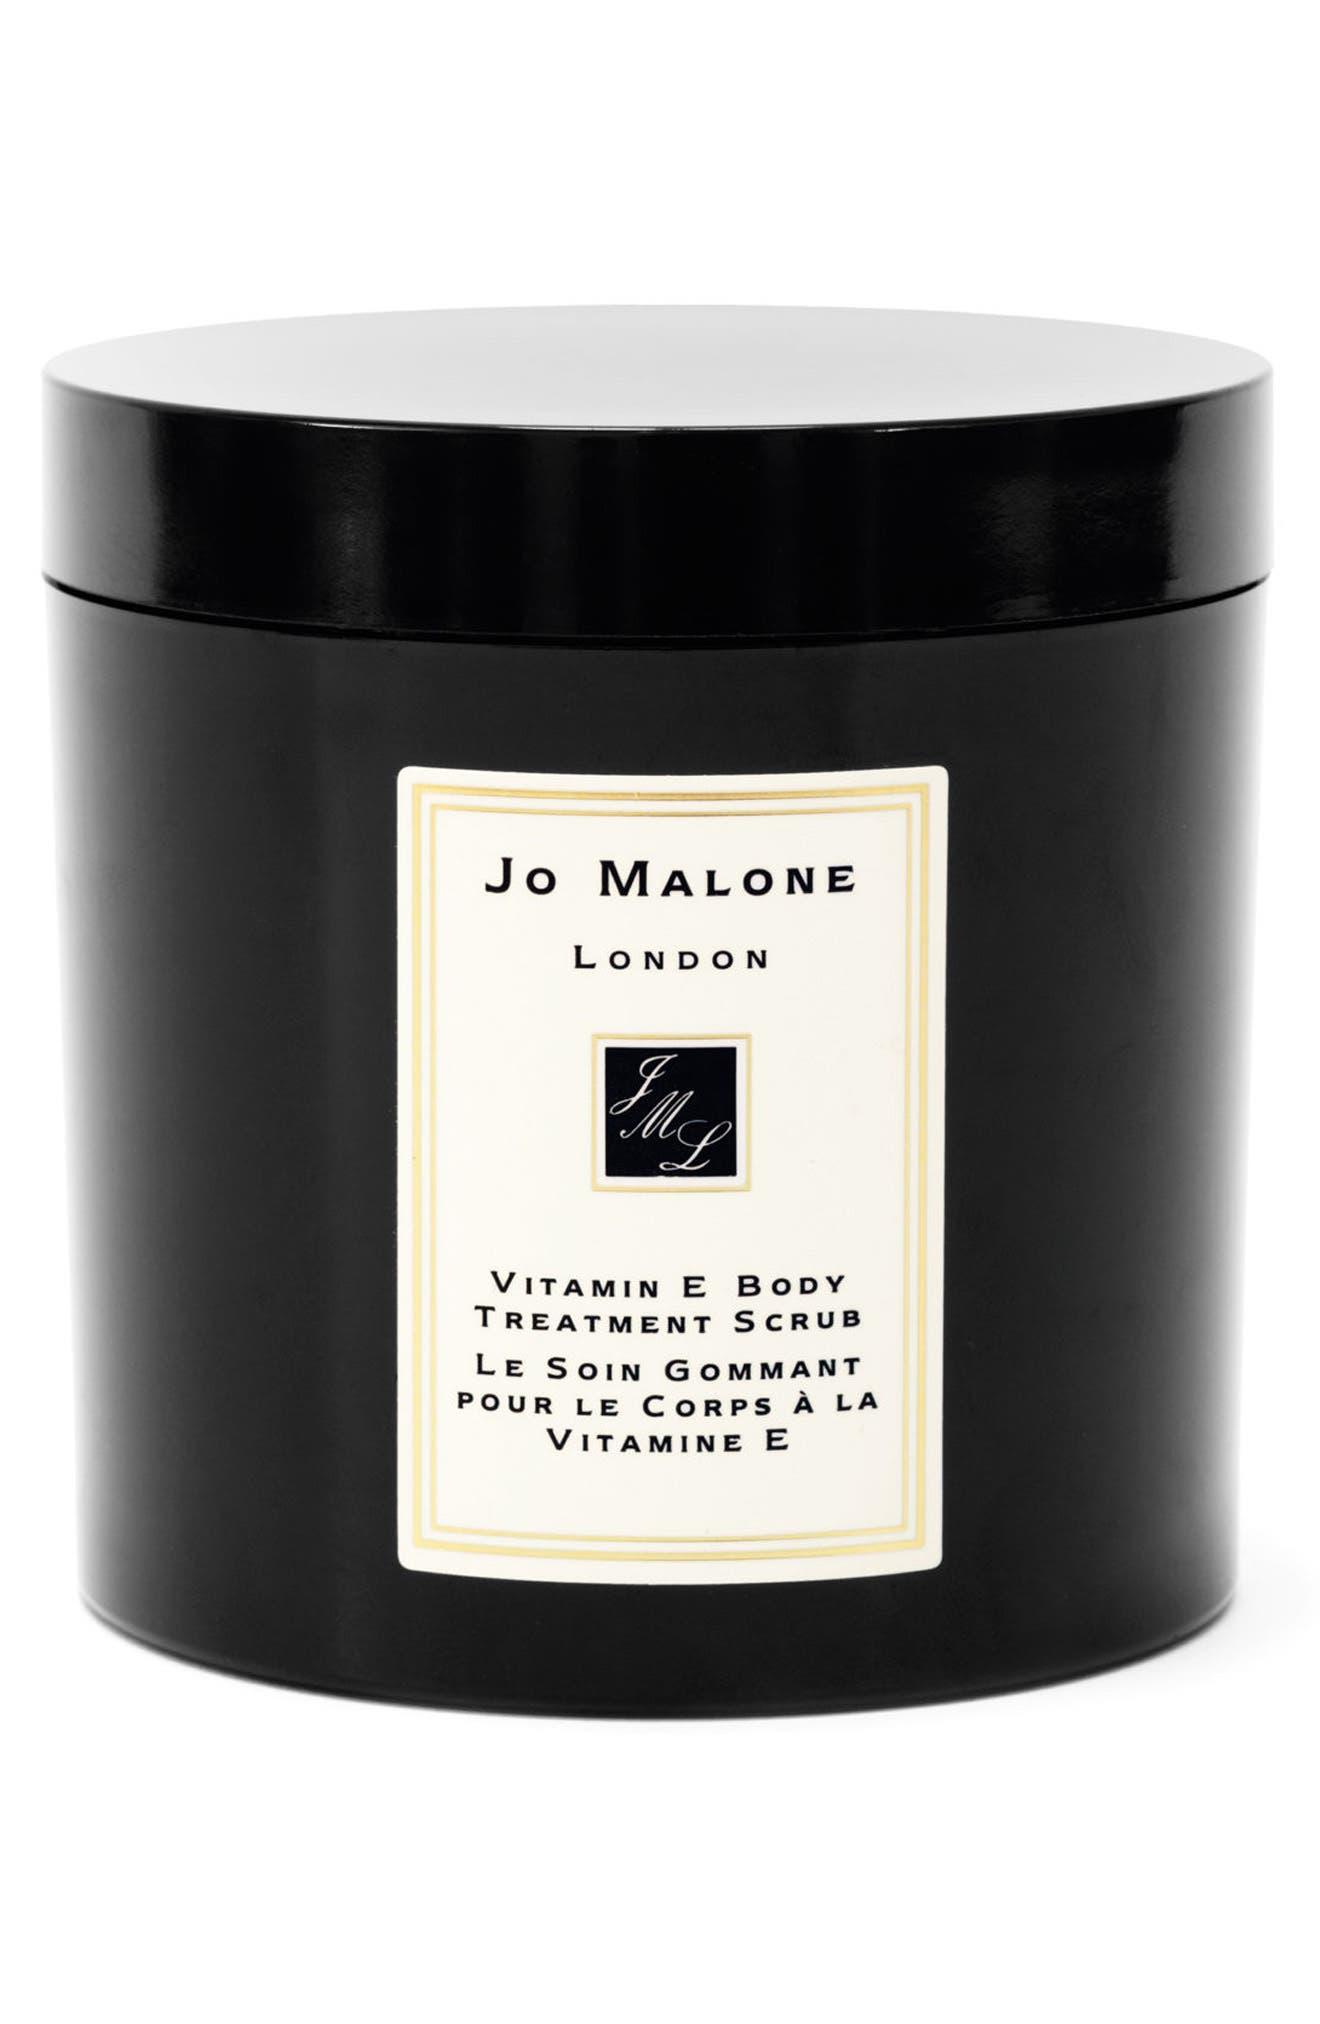 Jo Malone London™ 'Vitamin E' Body Treatment Scrub